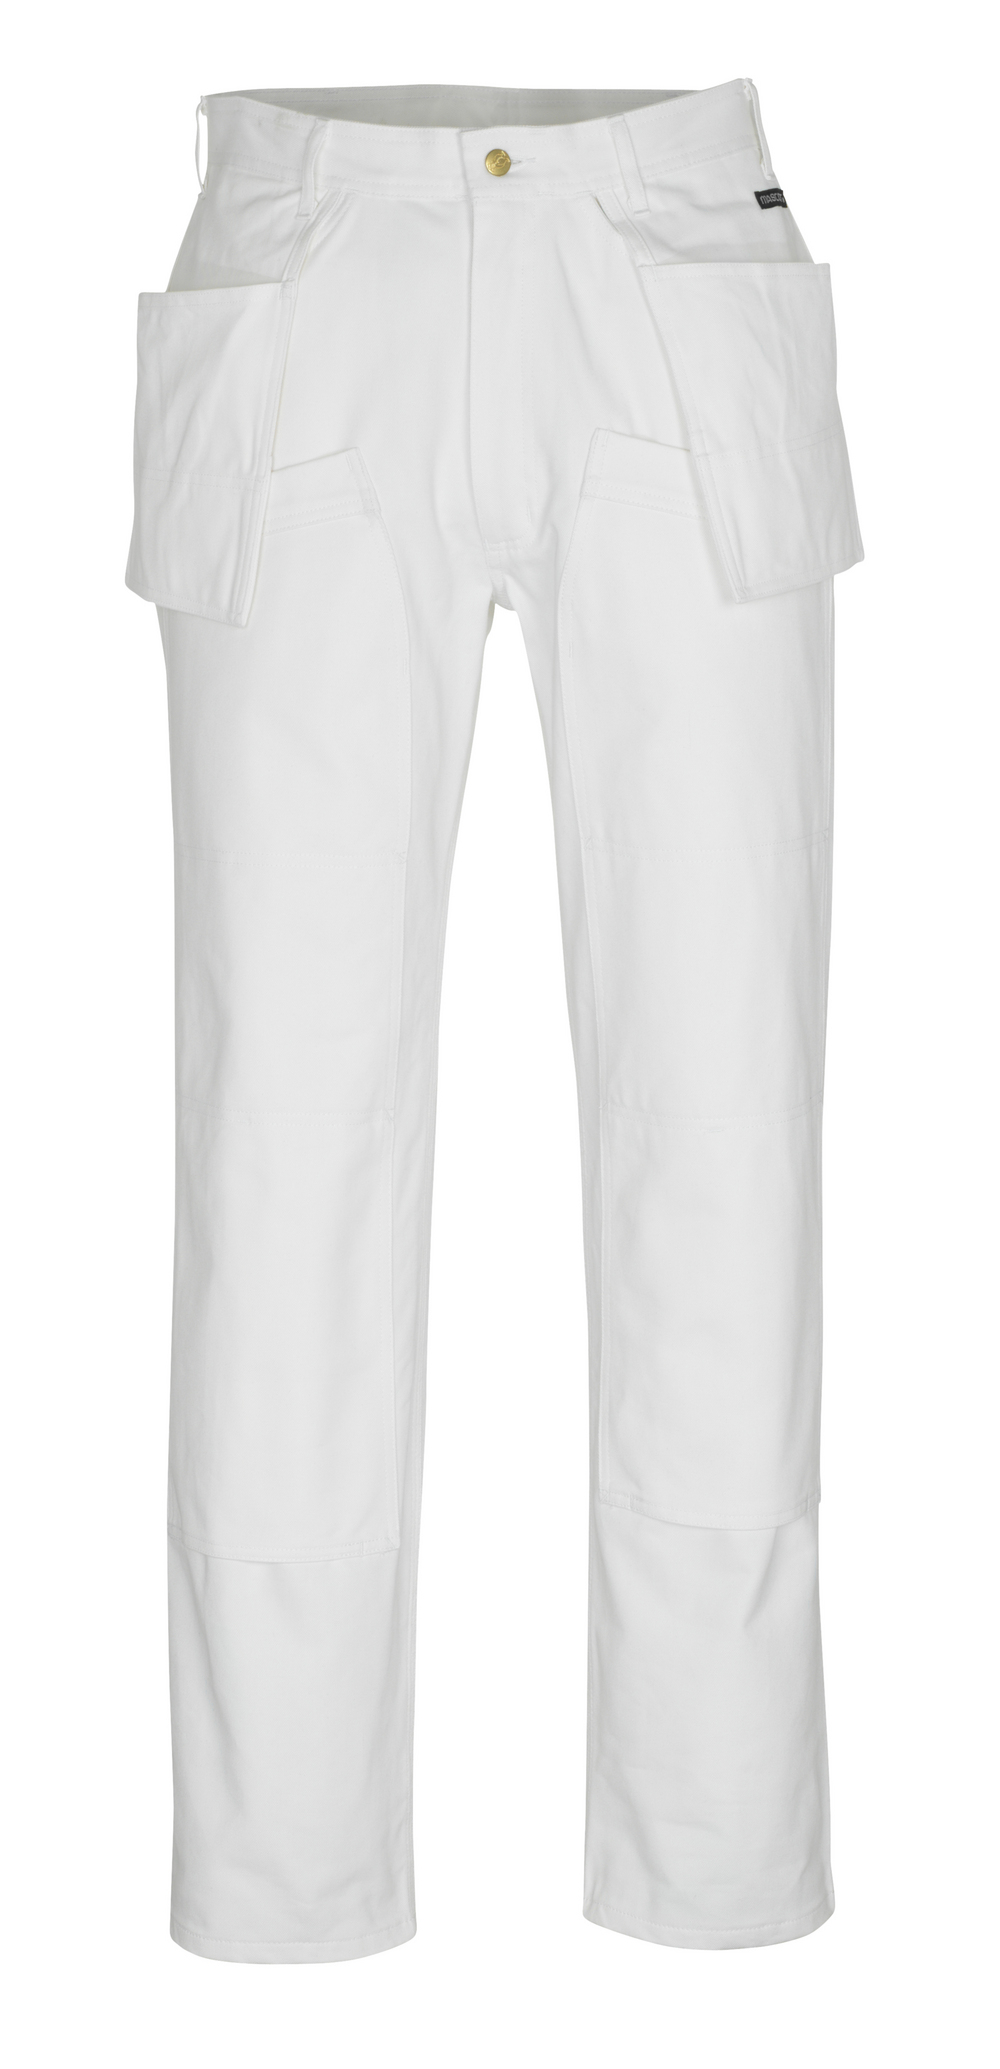 00538-630-06 Handwerkerhose - Weiß